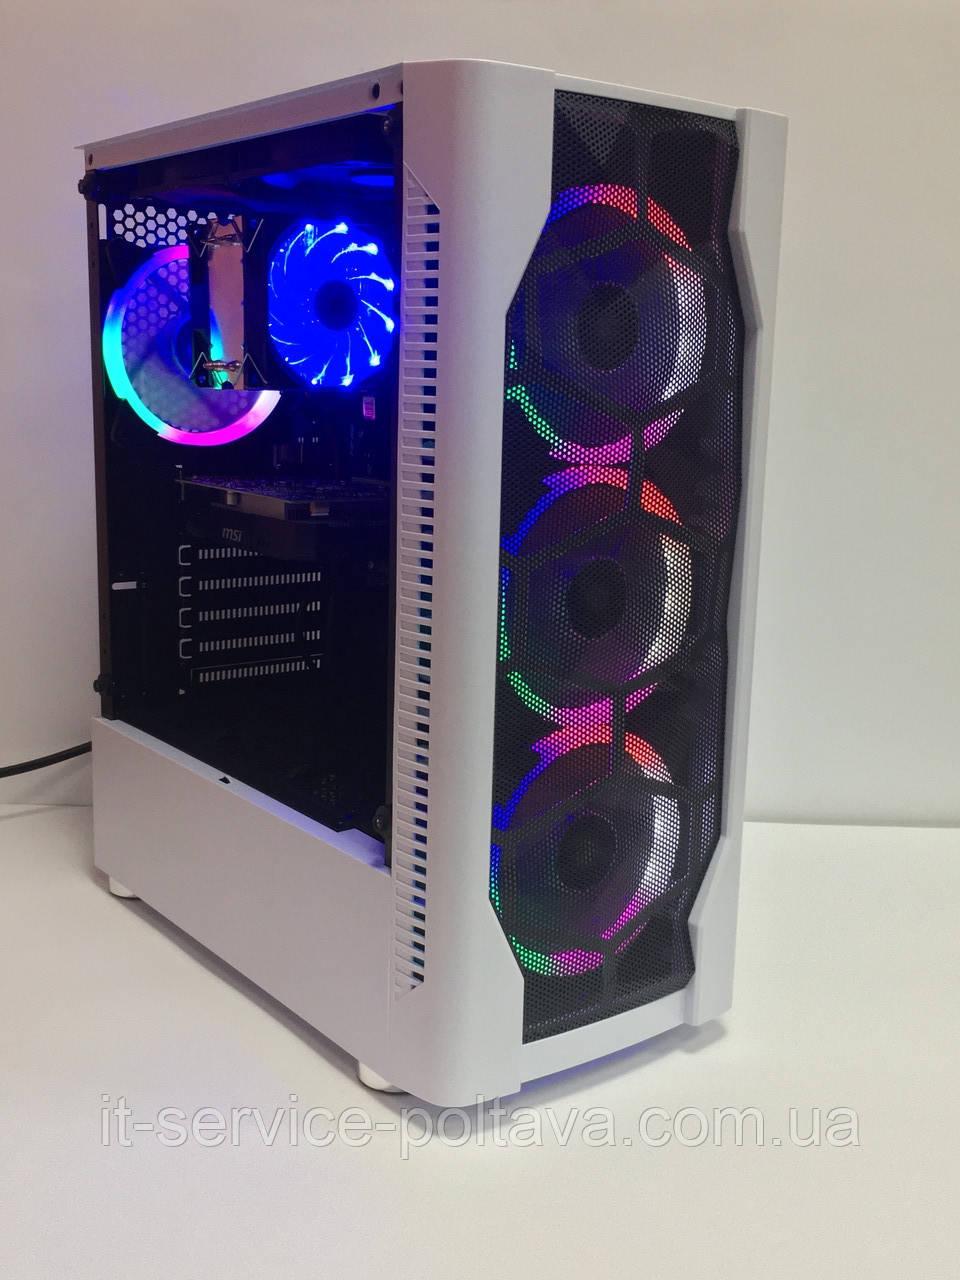 Ігровий персональний комп'ютер 1st Player Intel Xeon X5660